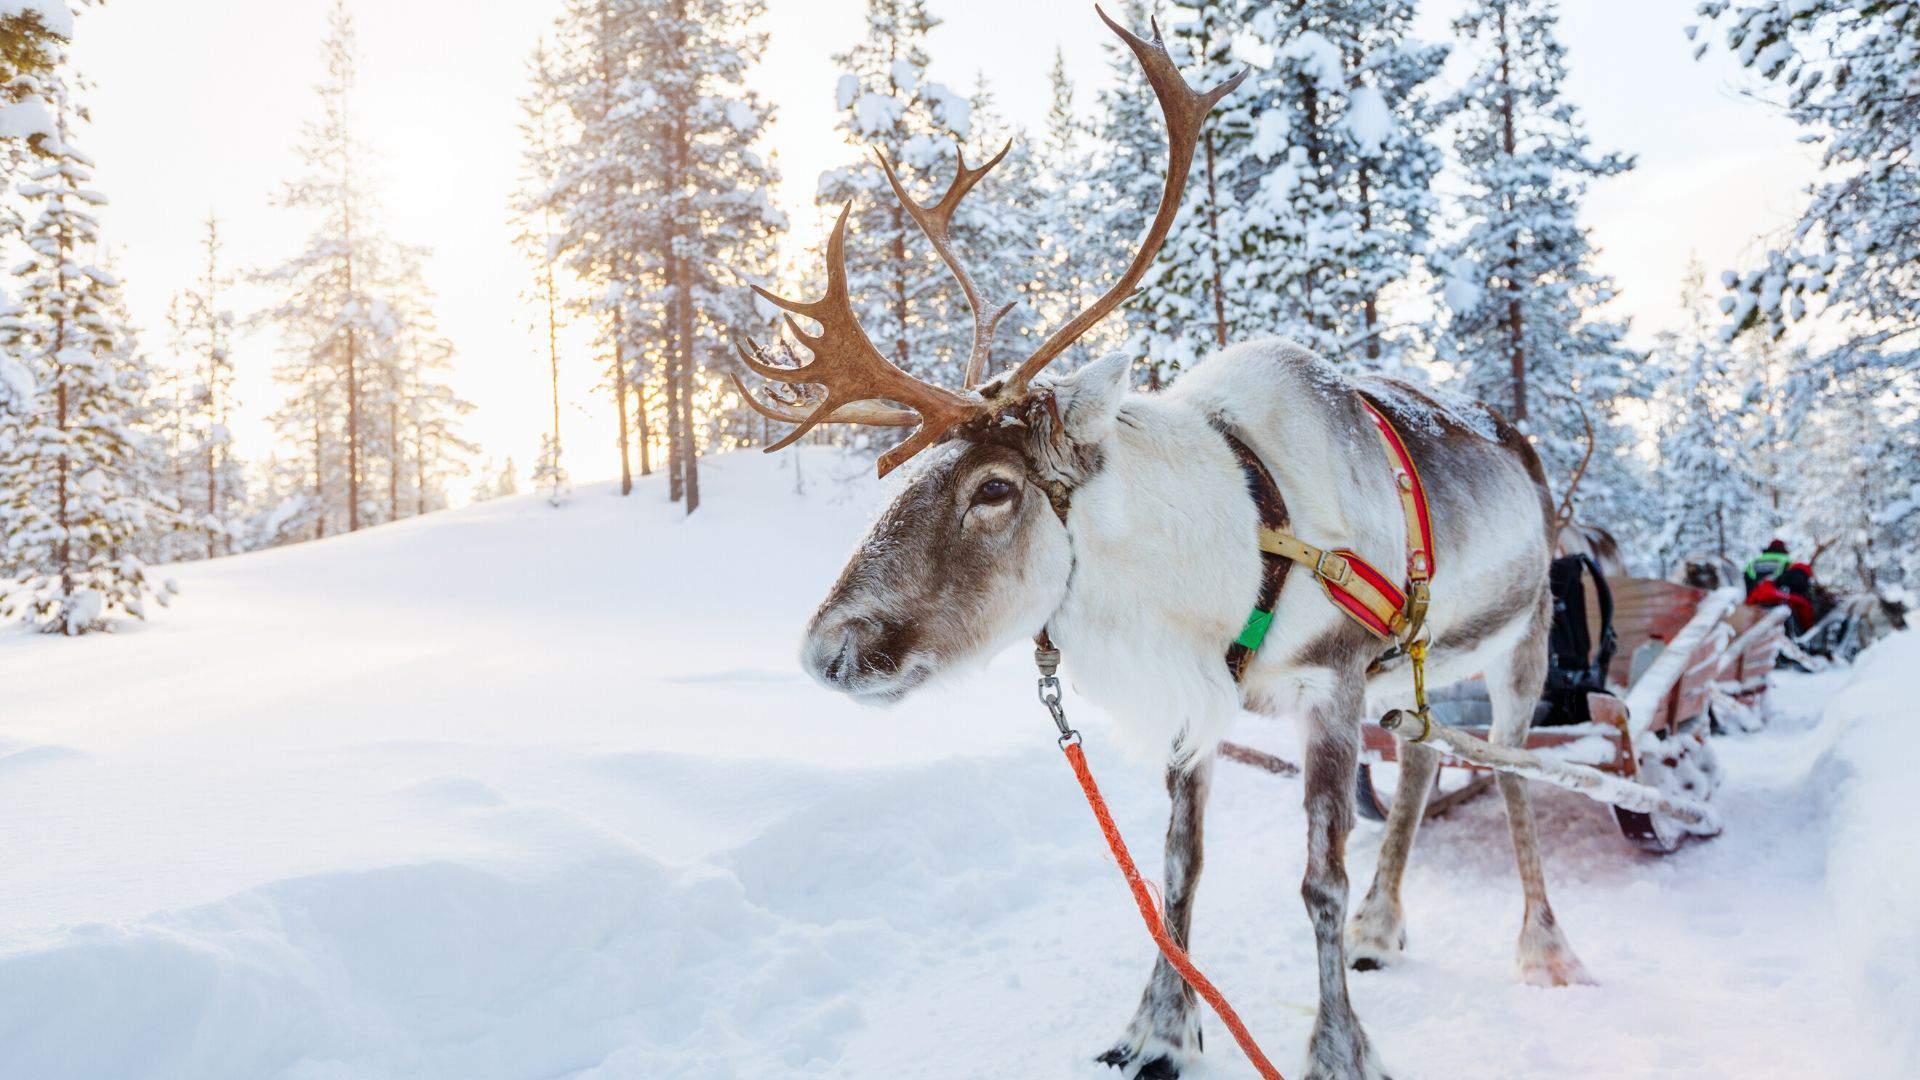 Unikali patirtis kelionės į Laplandiją metu - elnių tempiamų kinkinių safaris